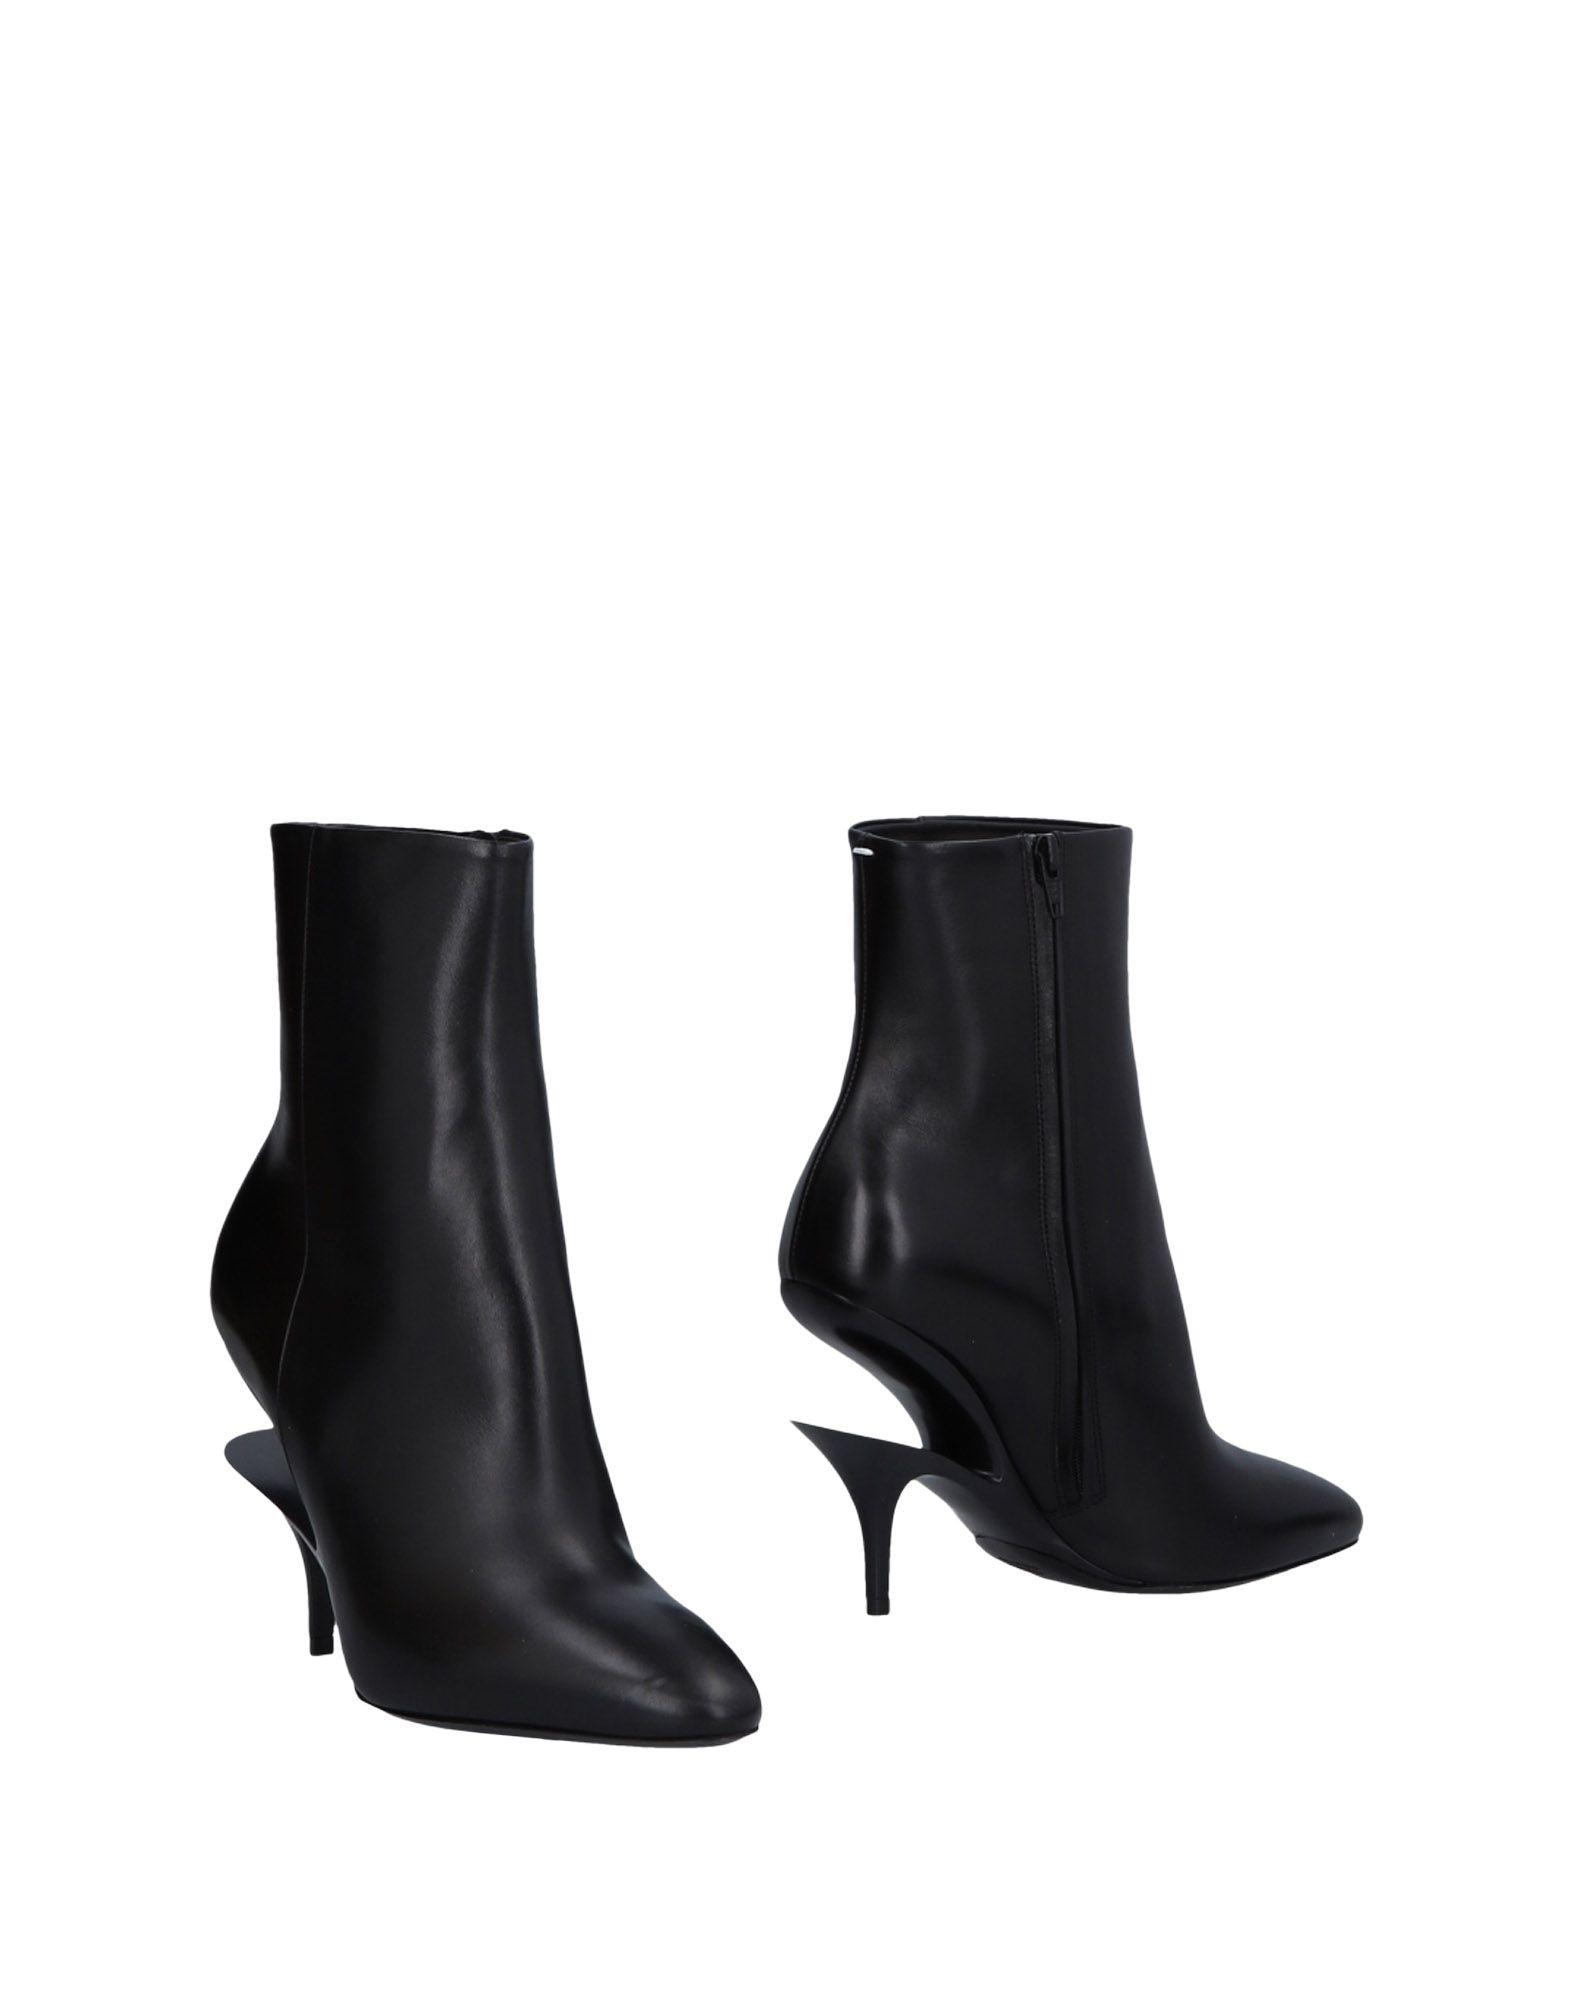 Maison Margiela Stiefelette Schuhe Damen  11476099EE Neue Schuhe Stiefelette c95449